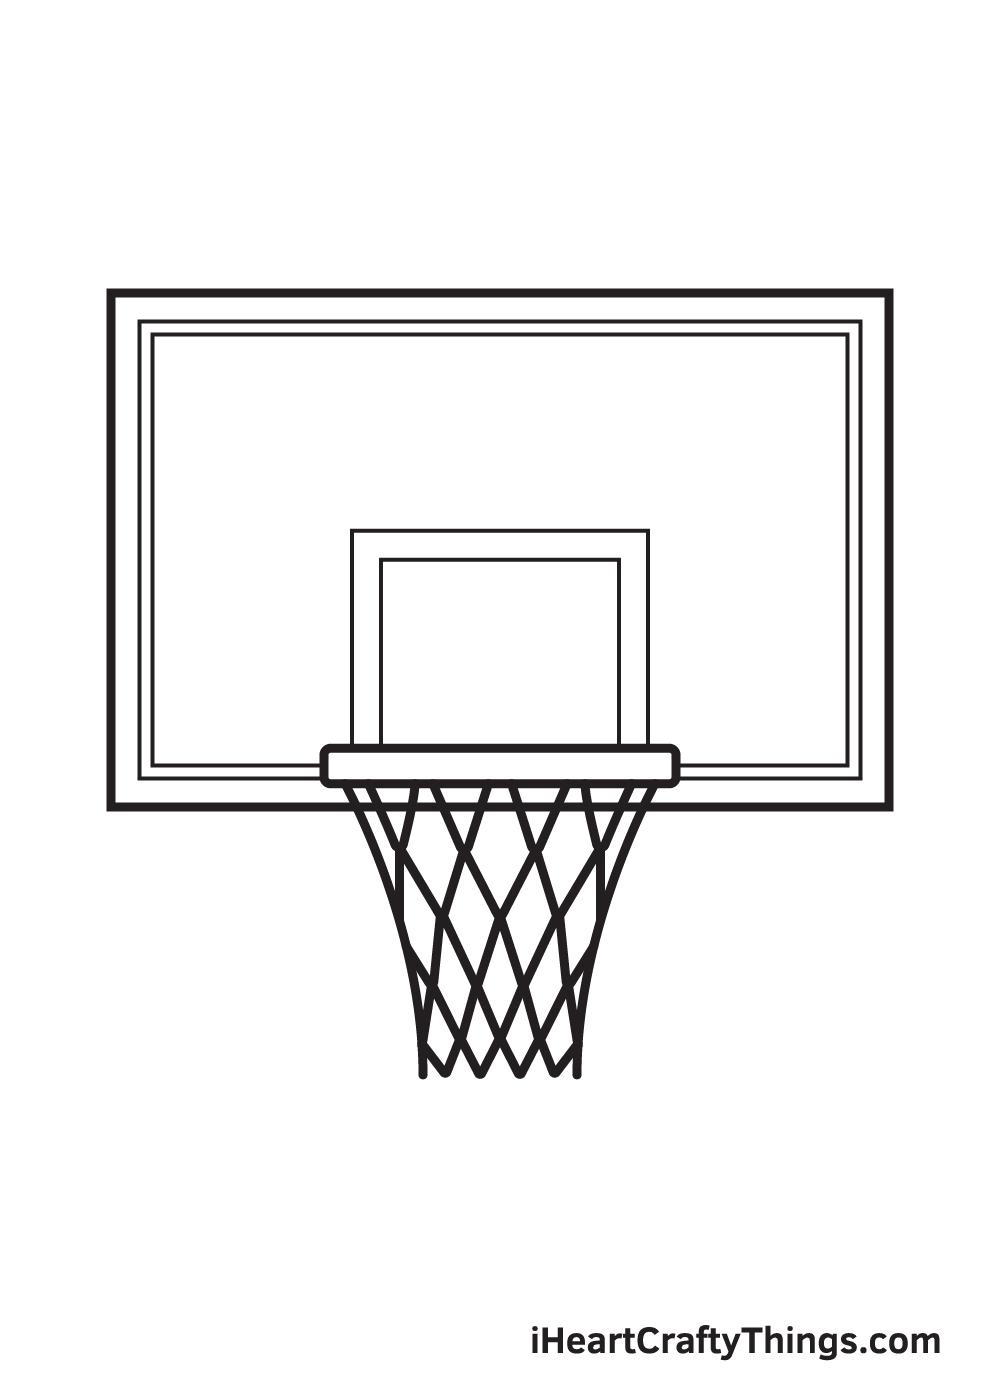 basketball hoop drawing step 9